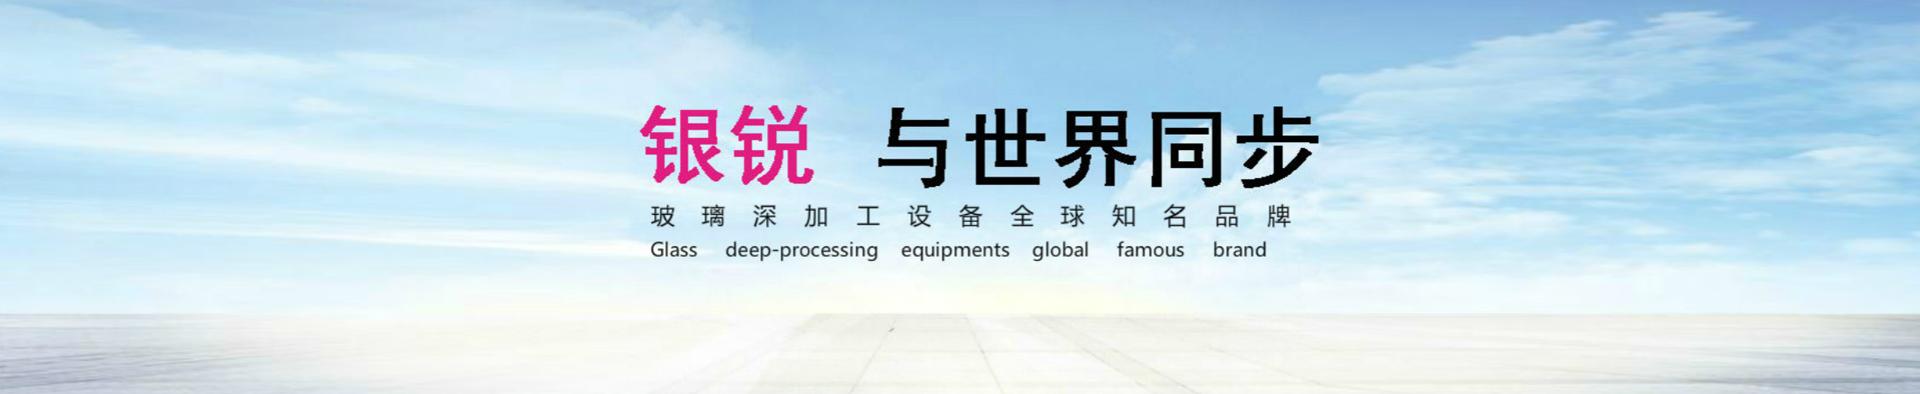 安徽省银锐玻璃机械有限公司